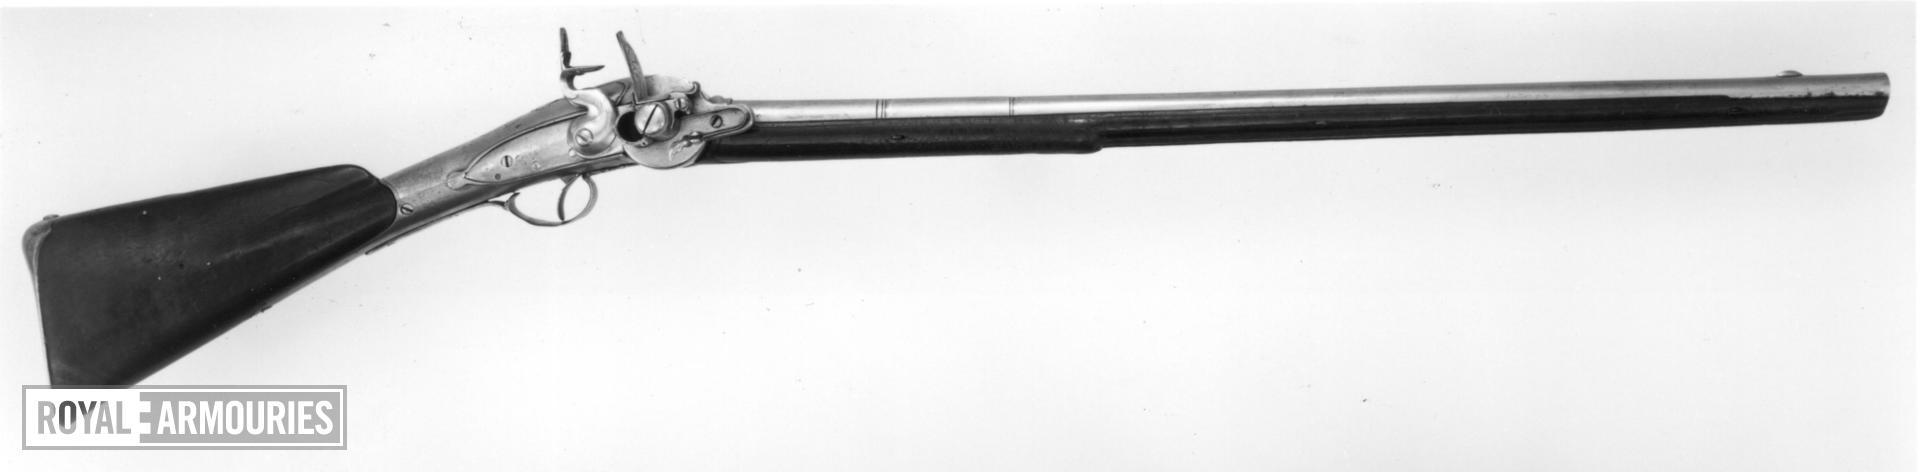 Flintlock repeating gun